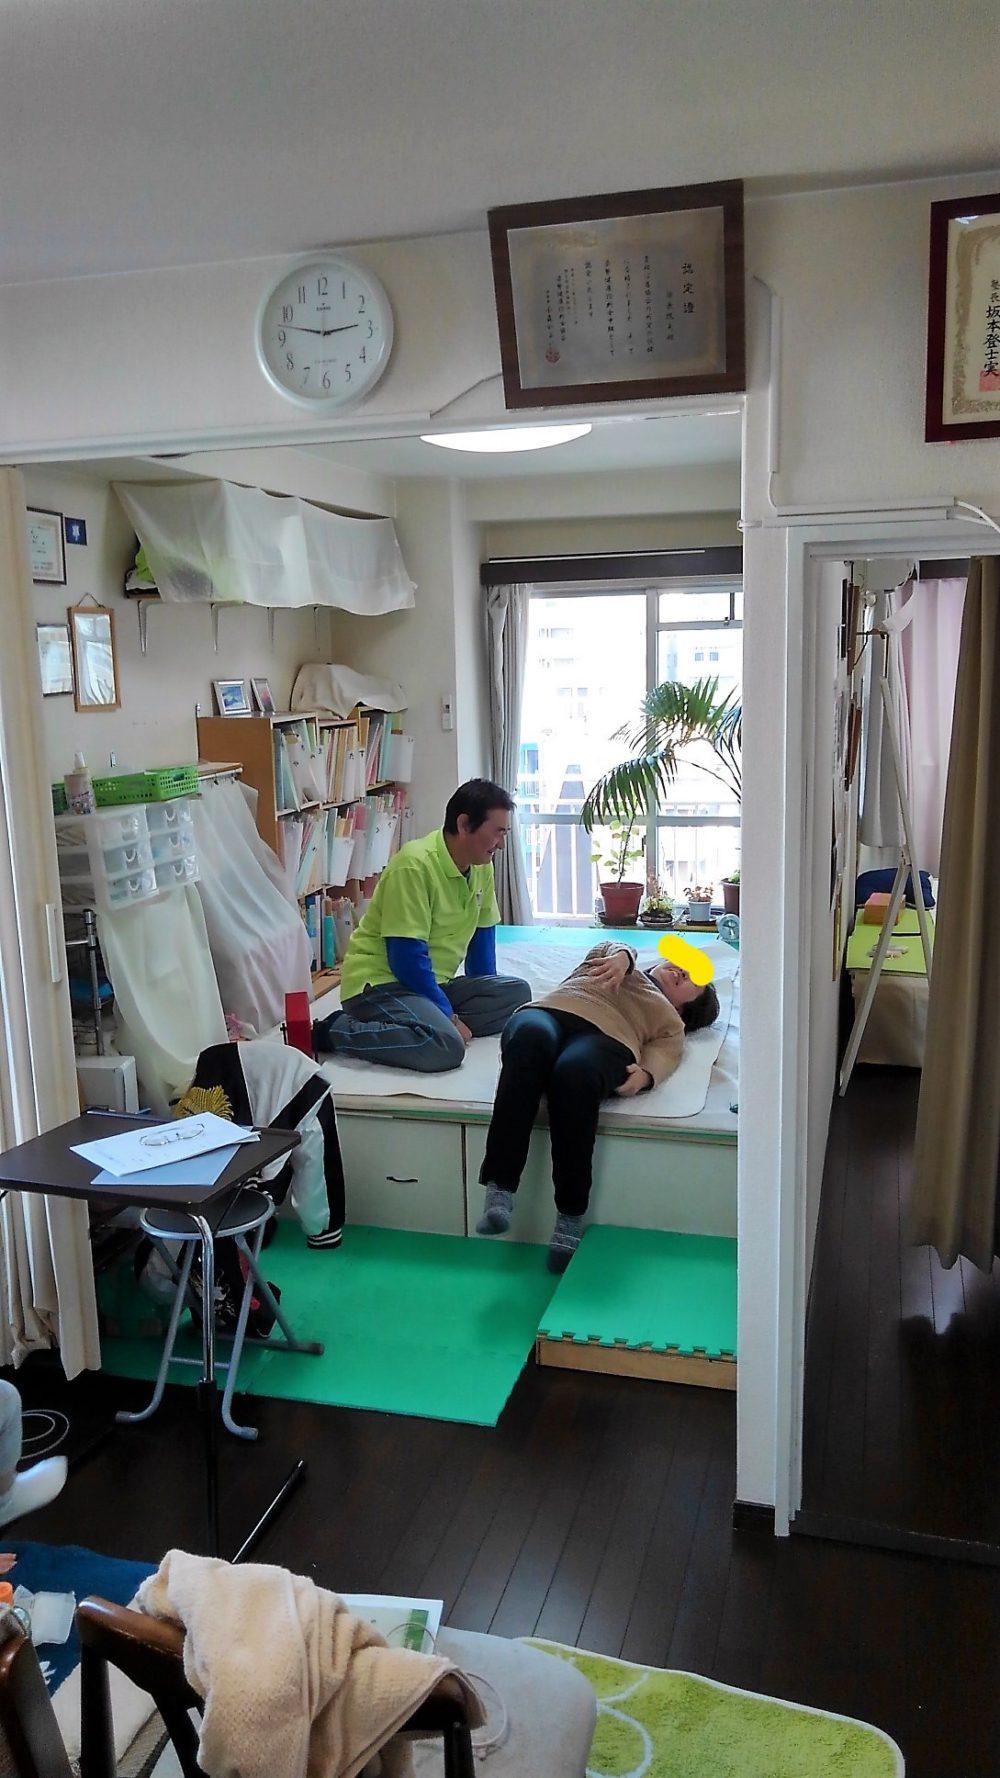 川崎の整体院でスピリチュアルなお話をする「不思議大好きセミナー」を開催